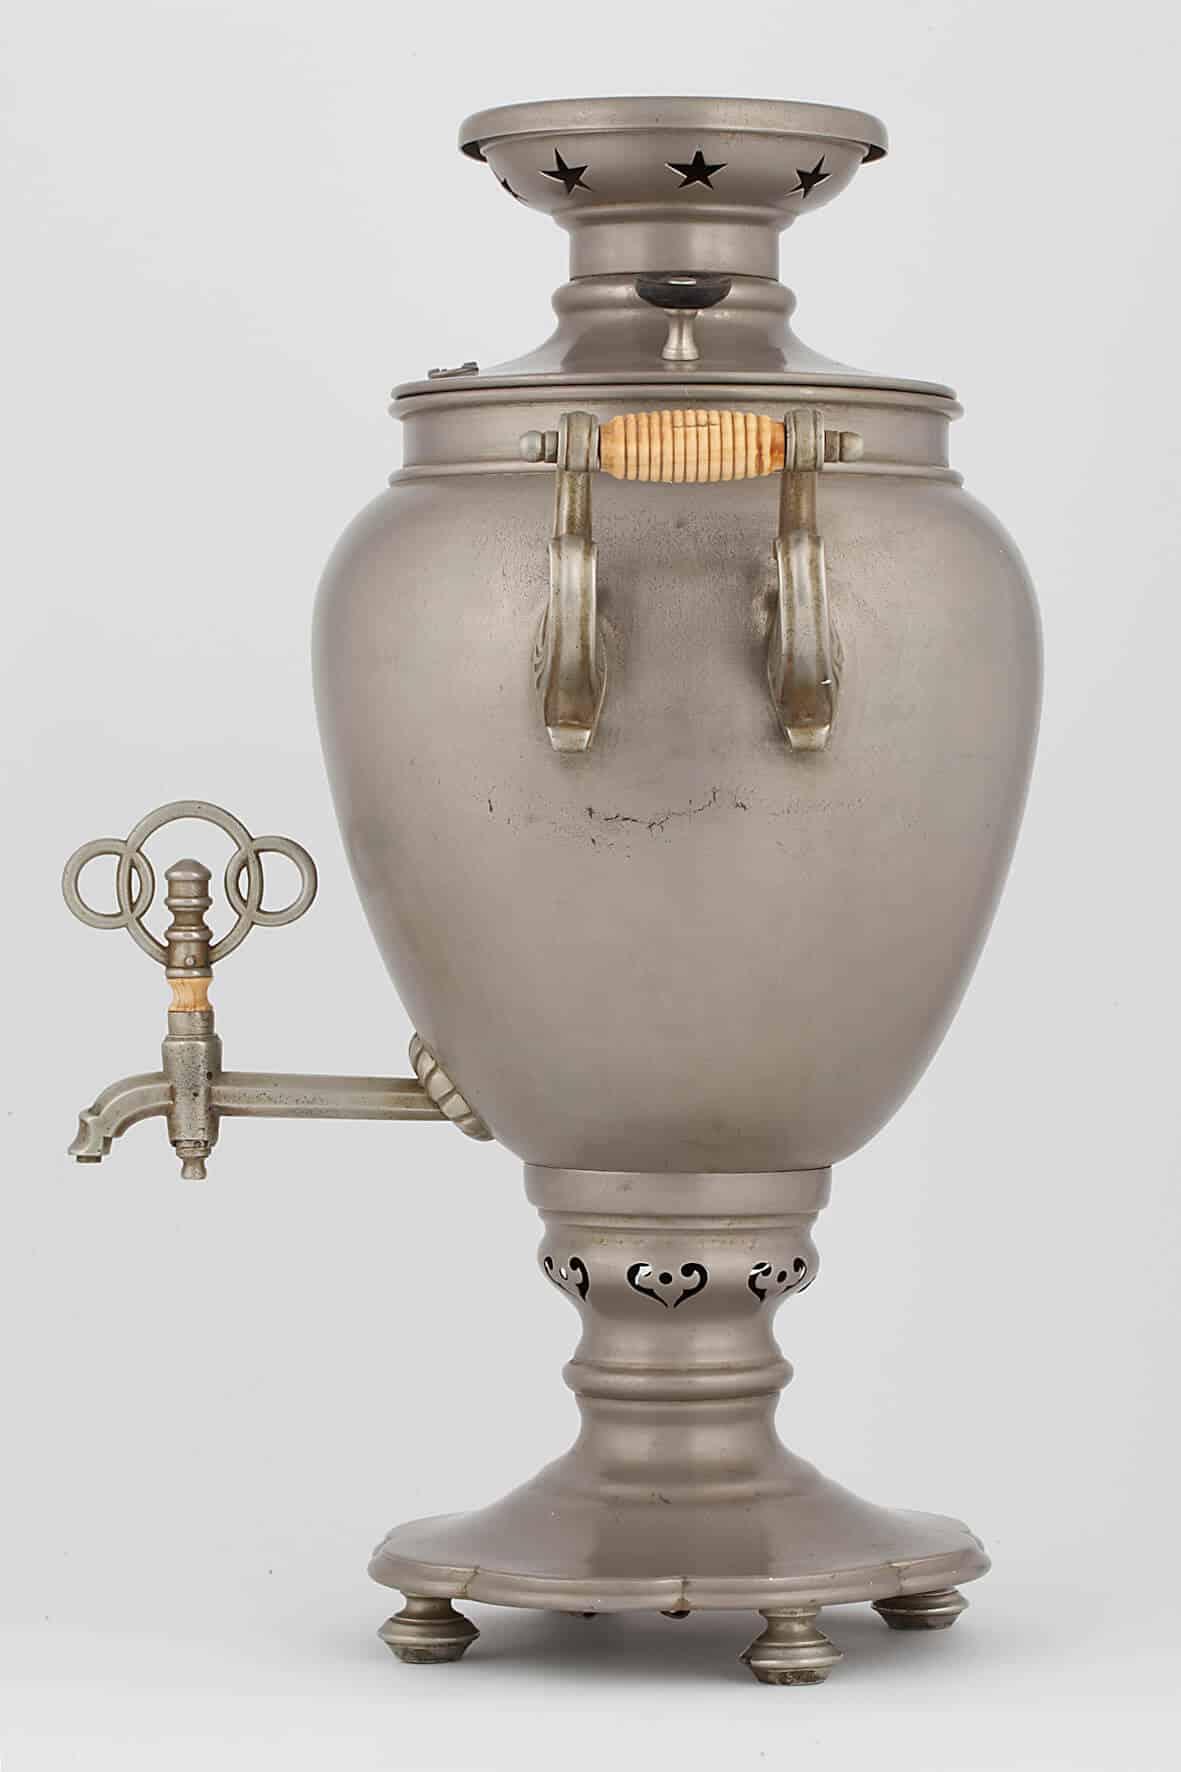 КБ 509 | Самовар яйцевидный | Музей самоваров и бульоток